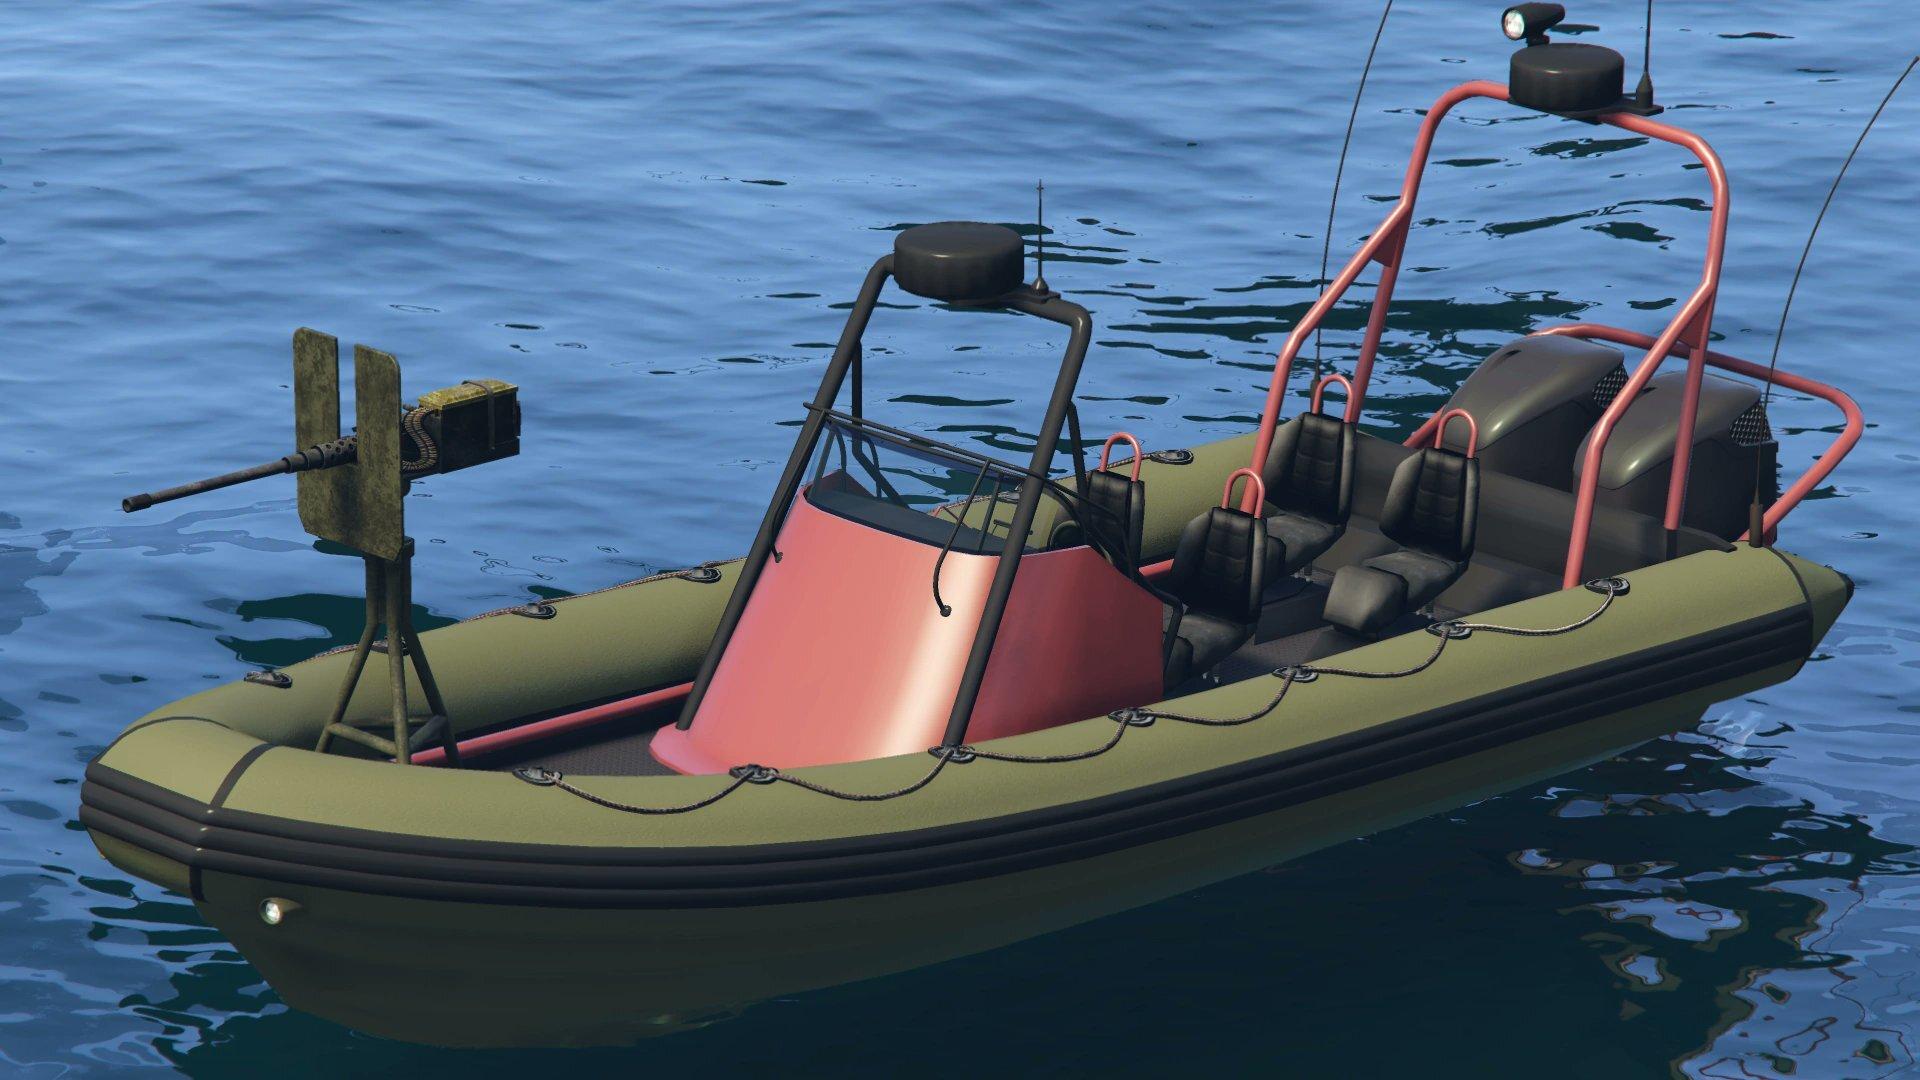 Dinghy armado en GTA Online